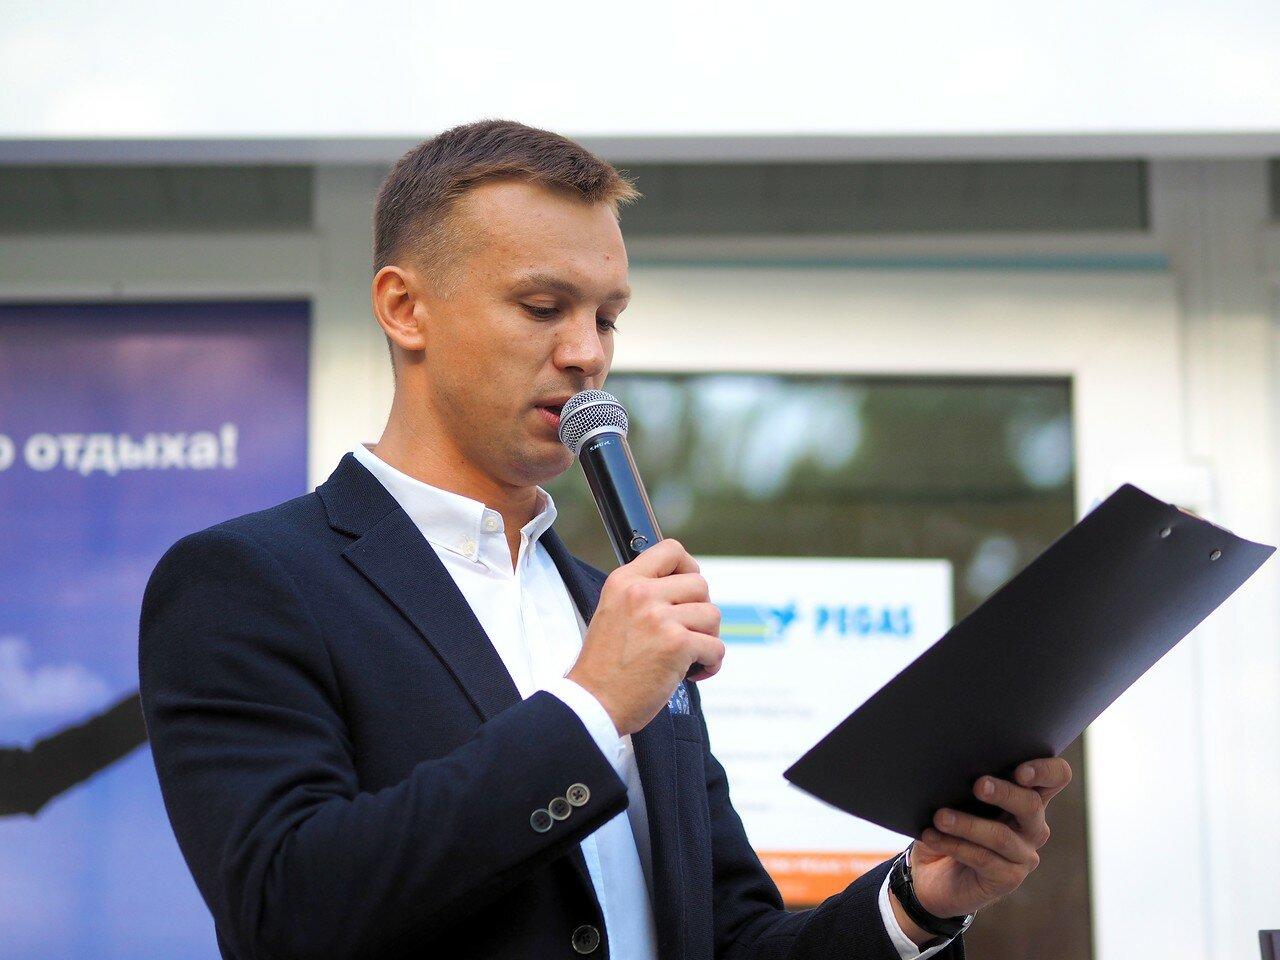 33 Открытие нового офиса Pegas Touristik 14.06.2017